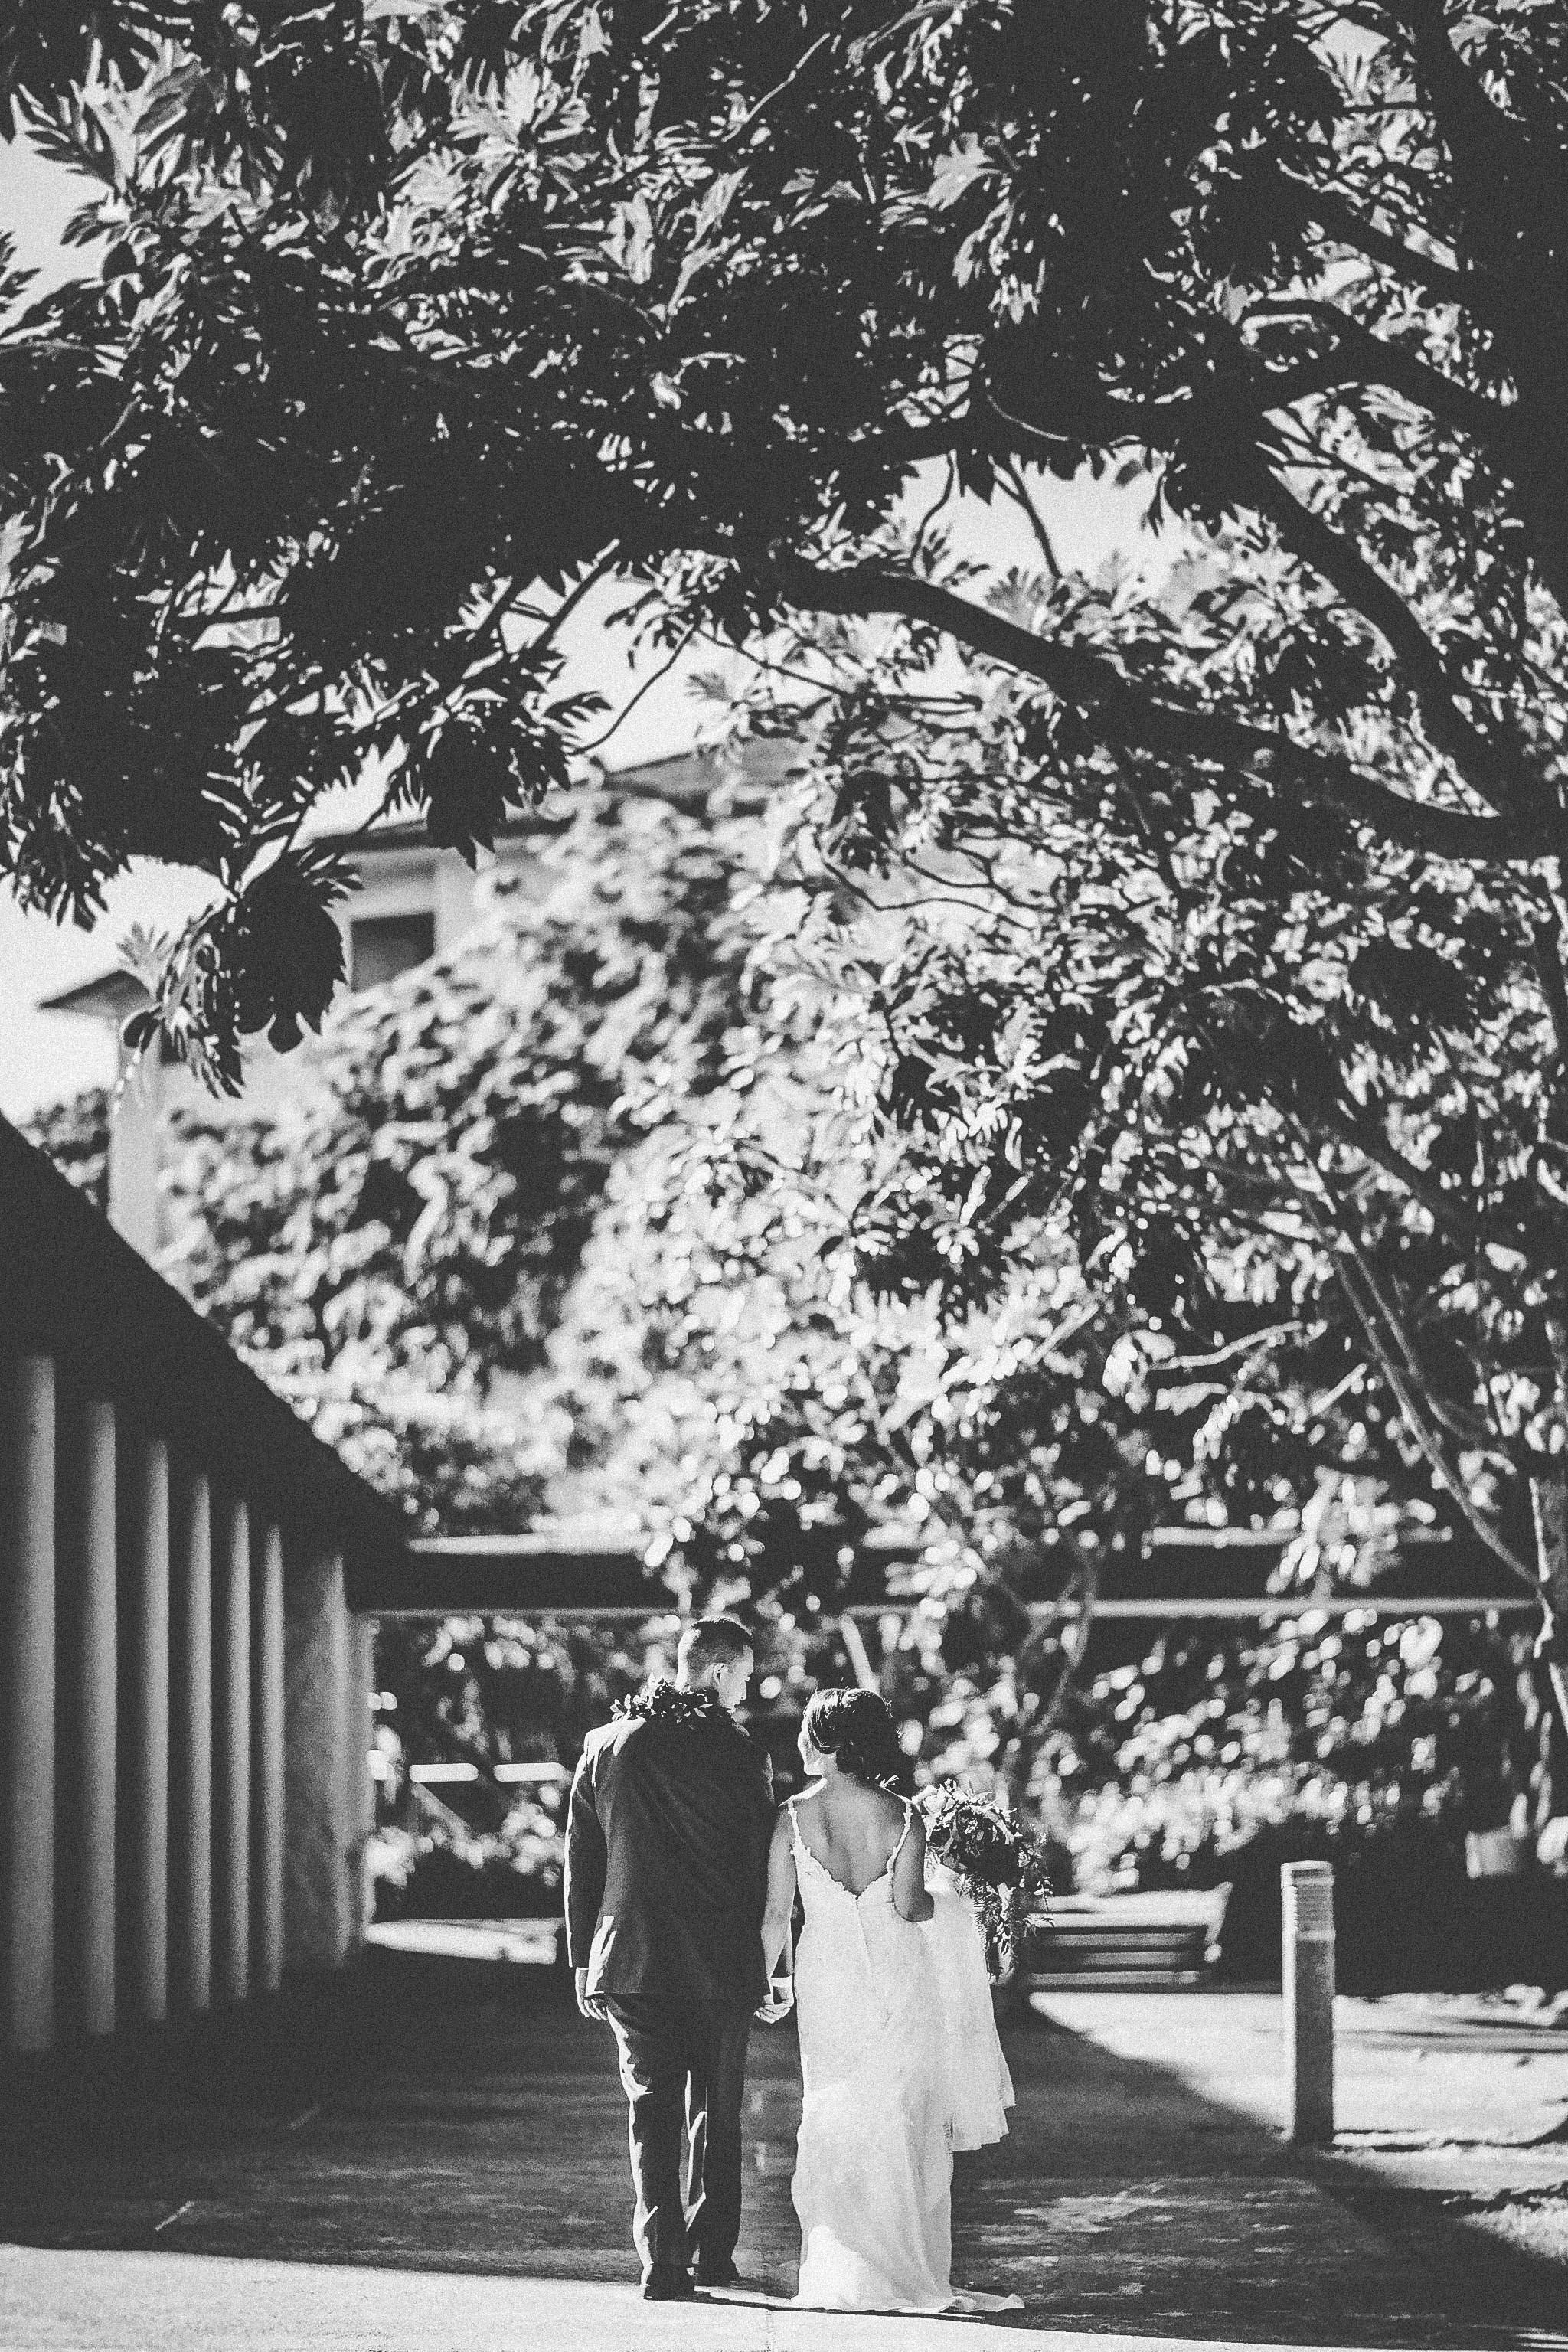 wedding-photography-hawaii-3.jpg